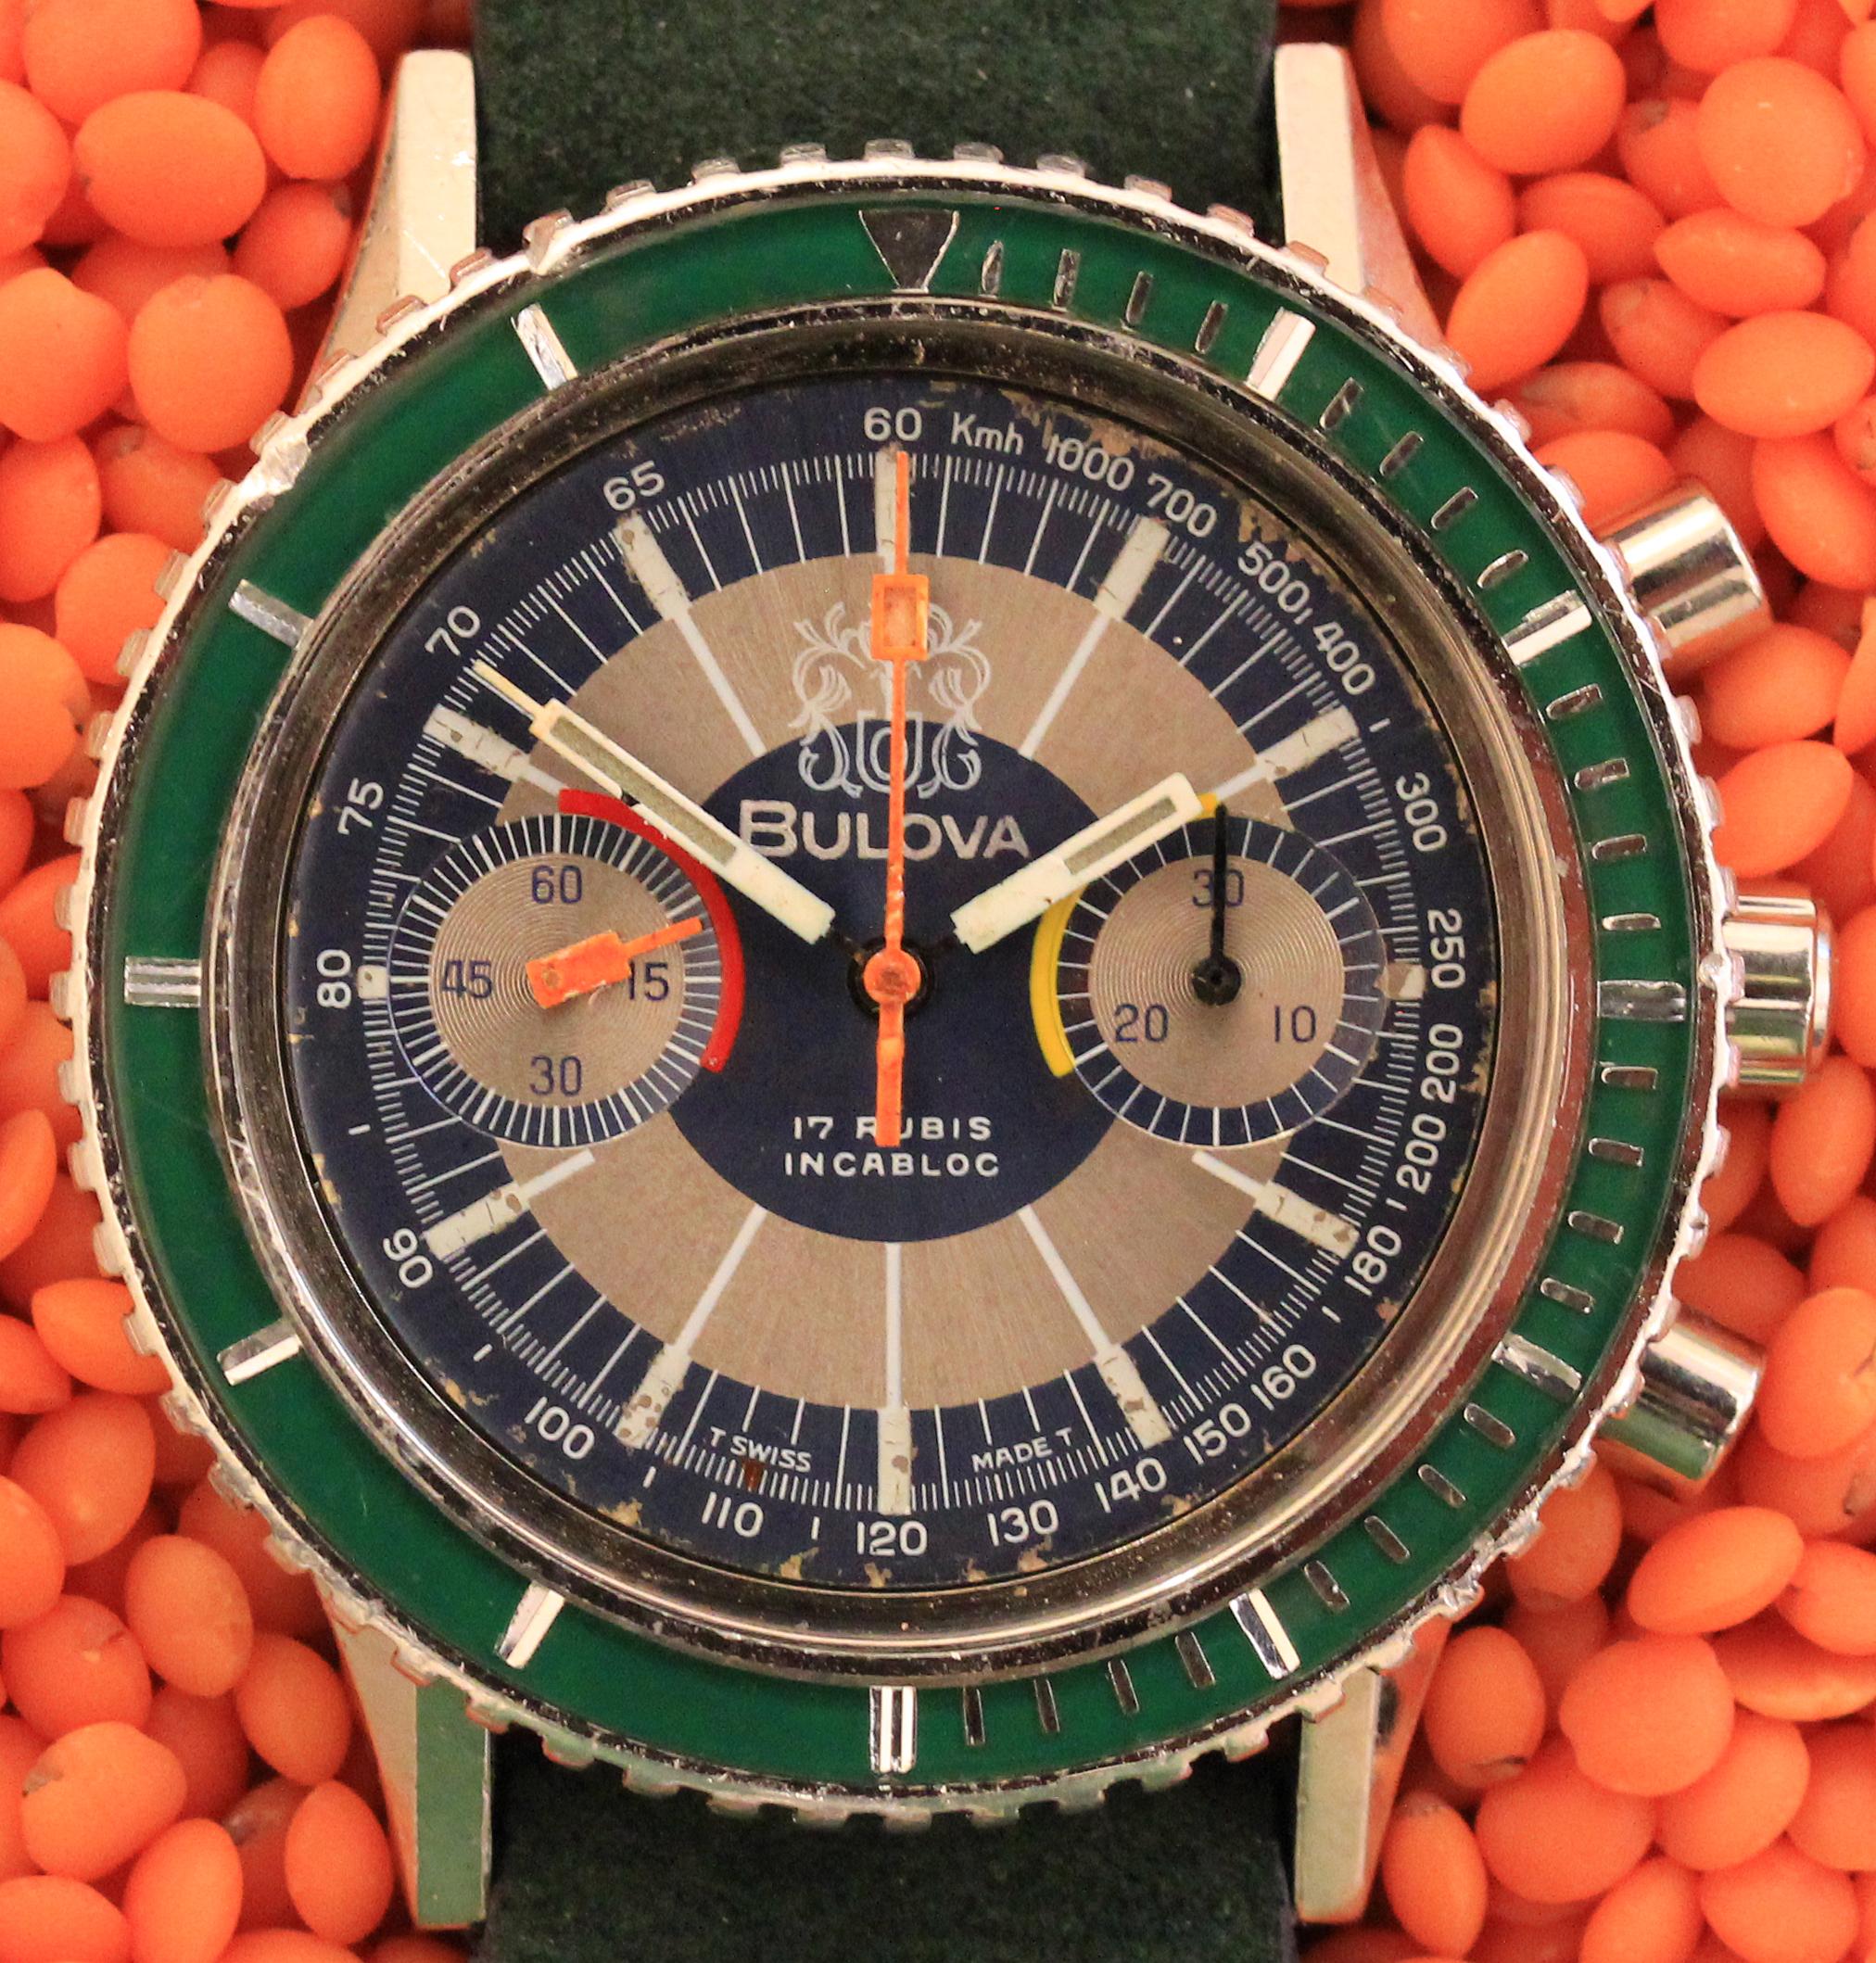 Colorful BULOVA chronograph